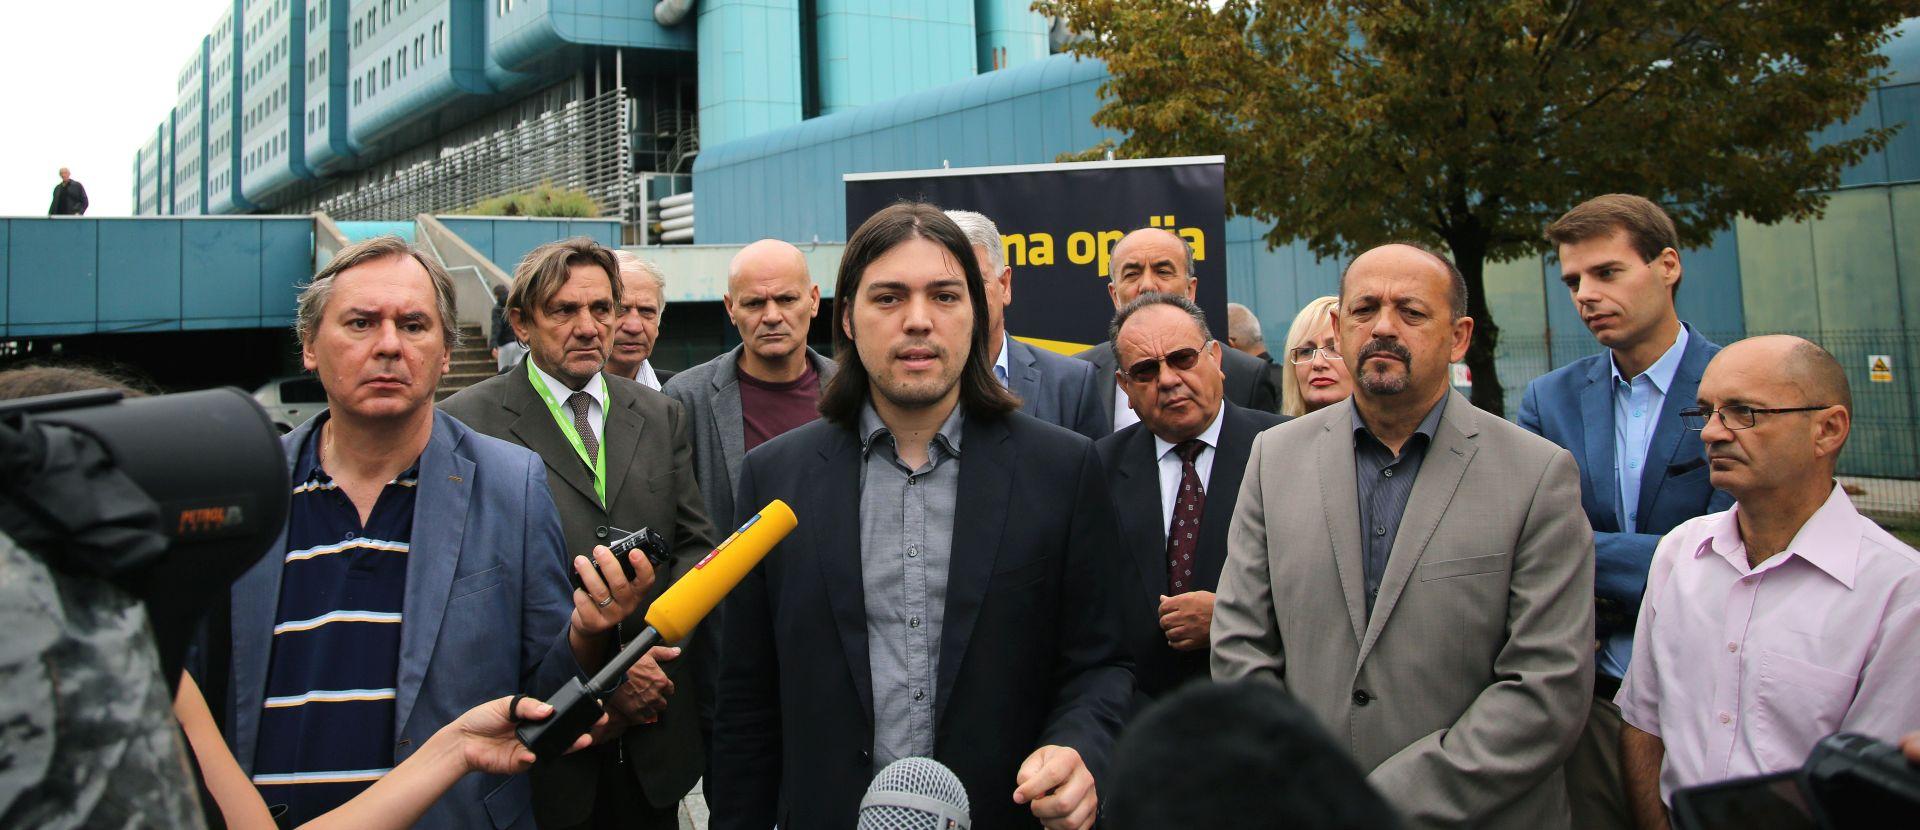 """Koalicija """"Jedina opcija"""" predstavila program za zdravstvo i kandidate u 2. izbornoj jedinici"""